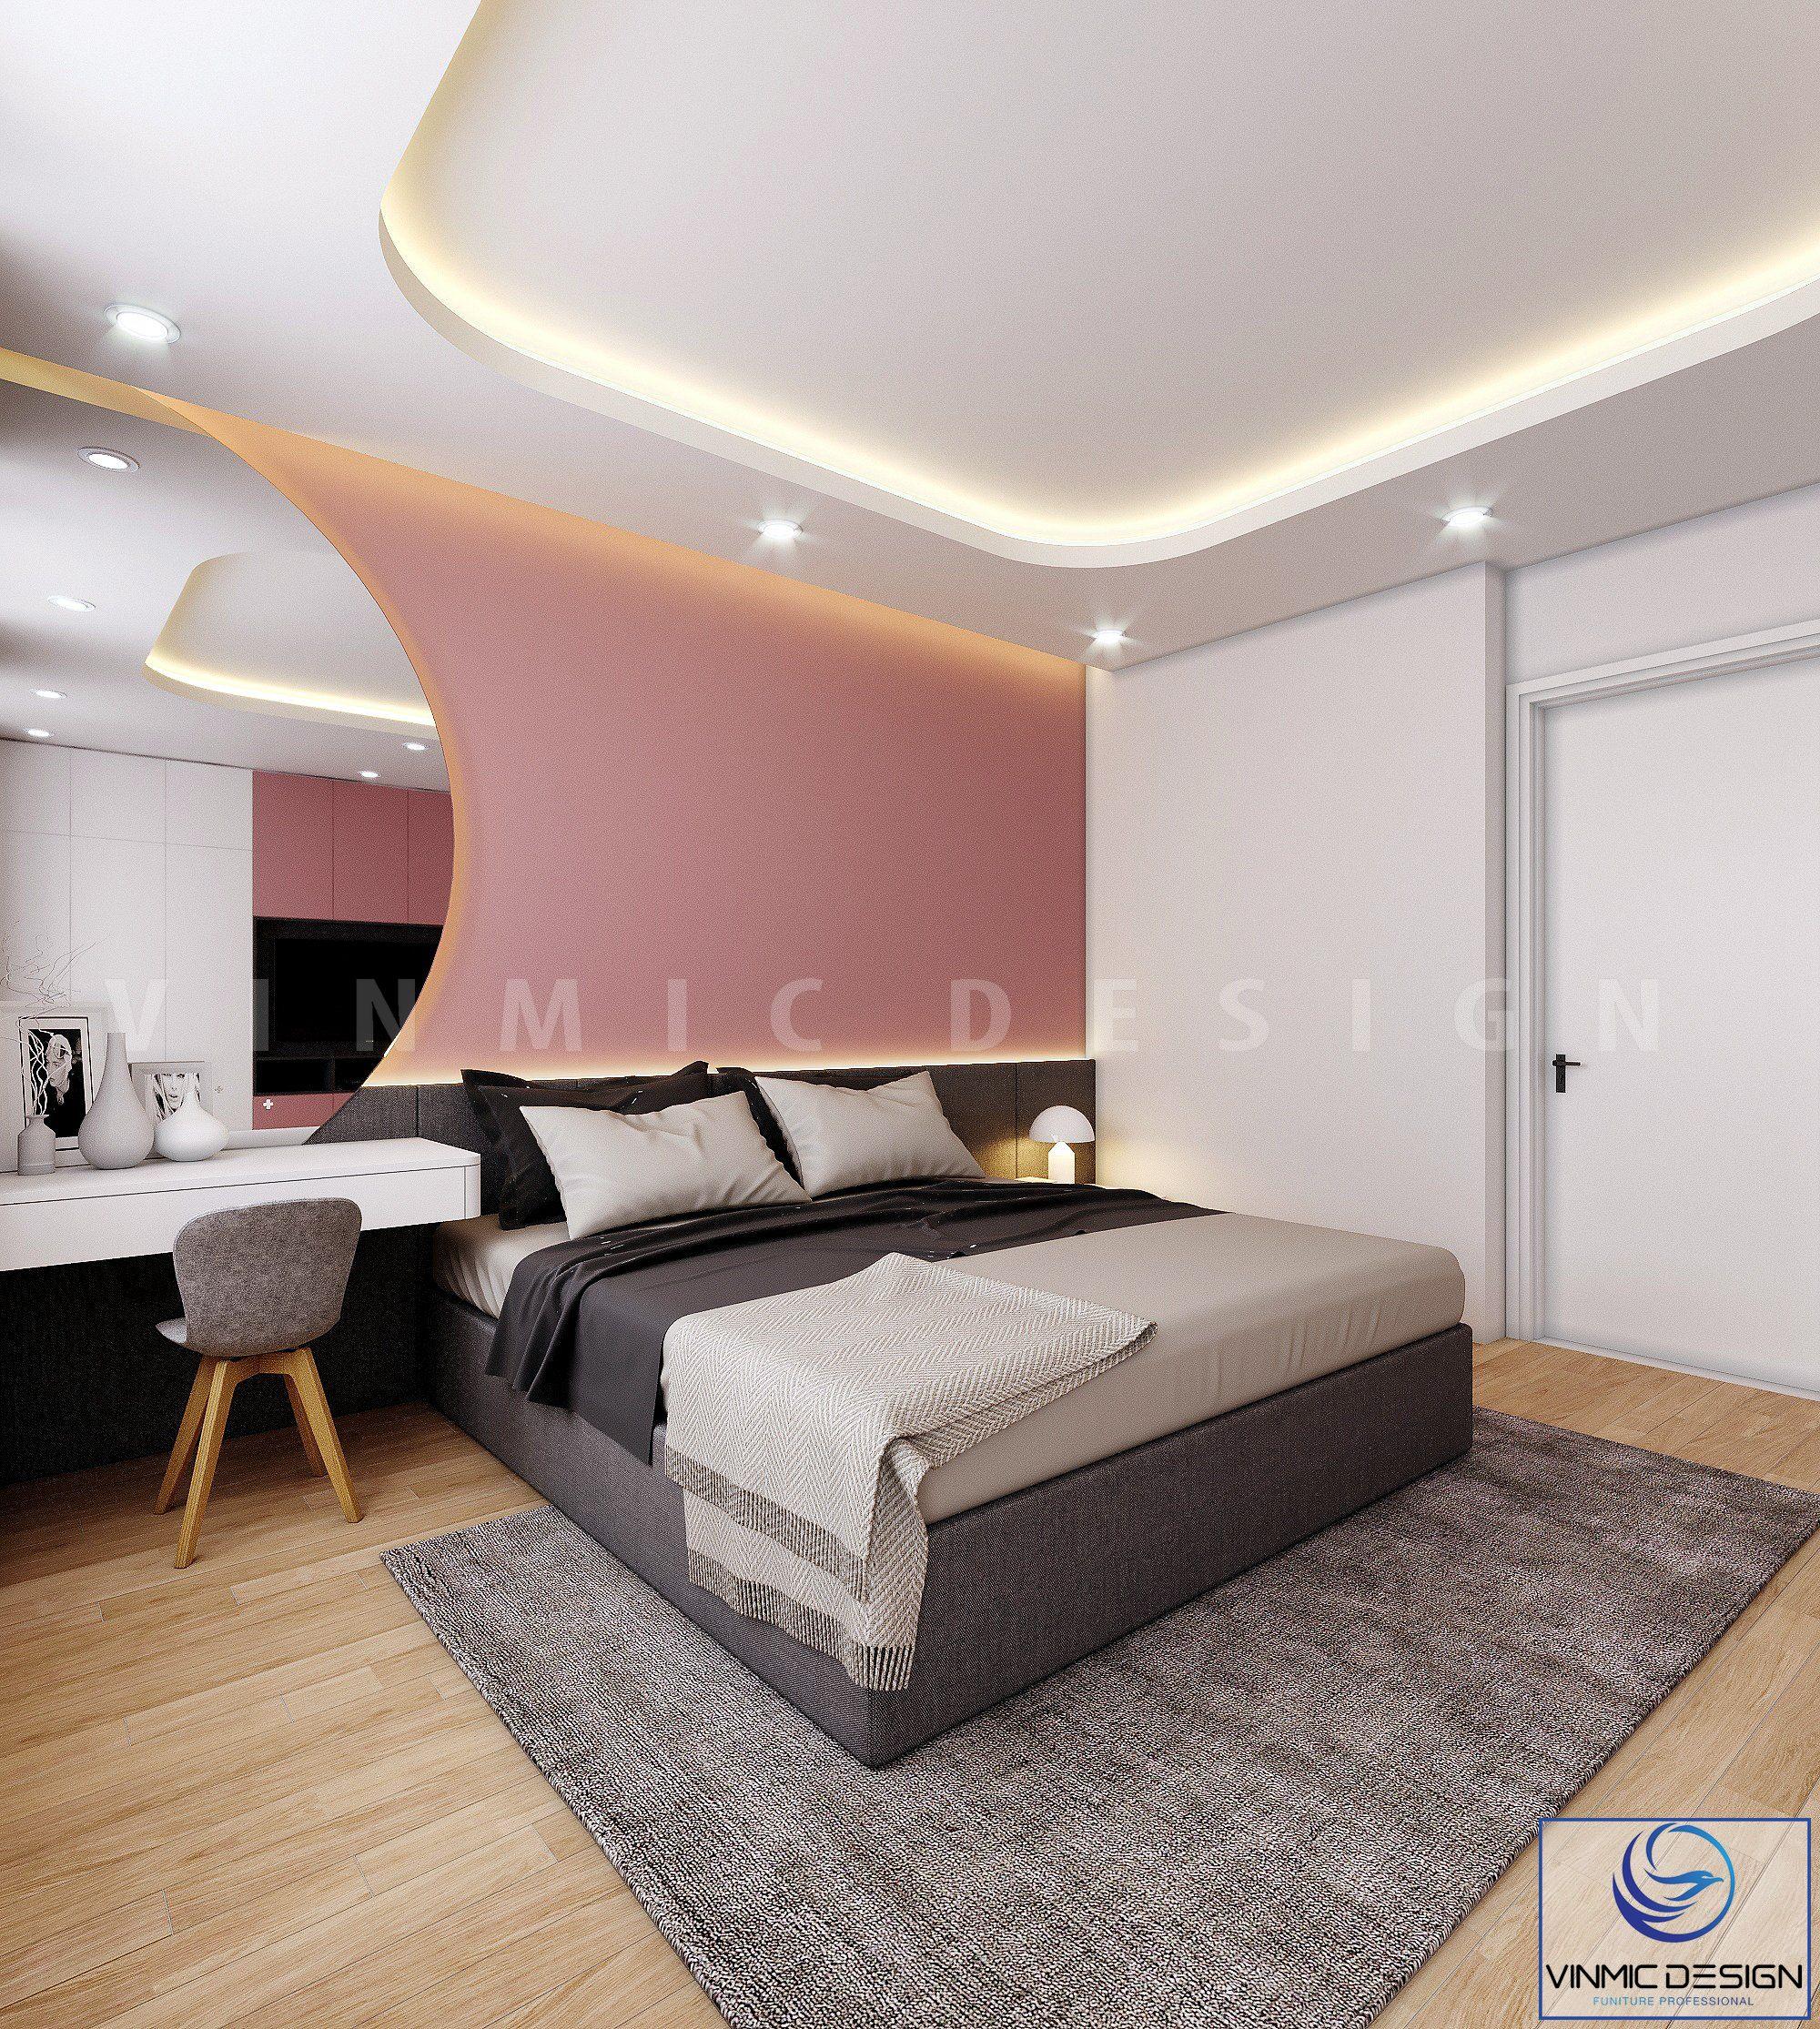 Thiết kế phòng ngủ này rất đơn giản